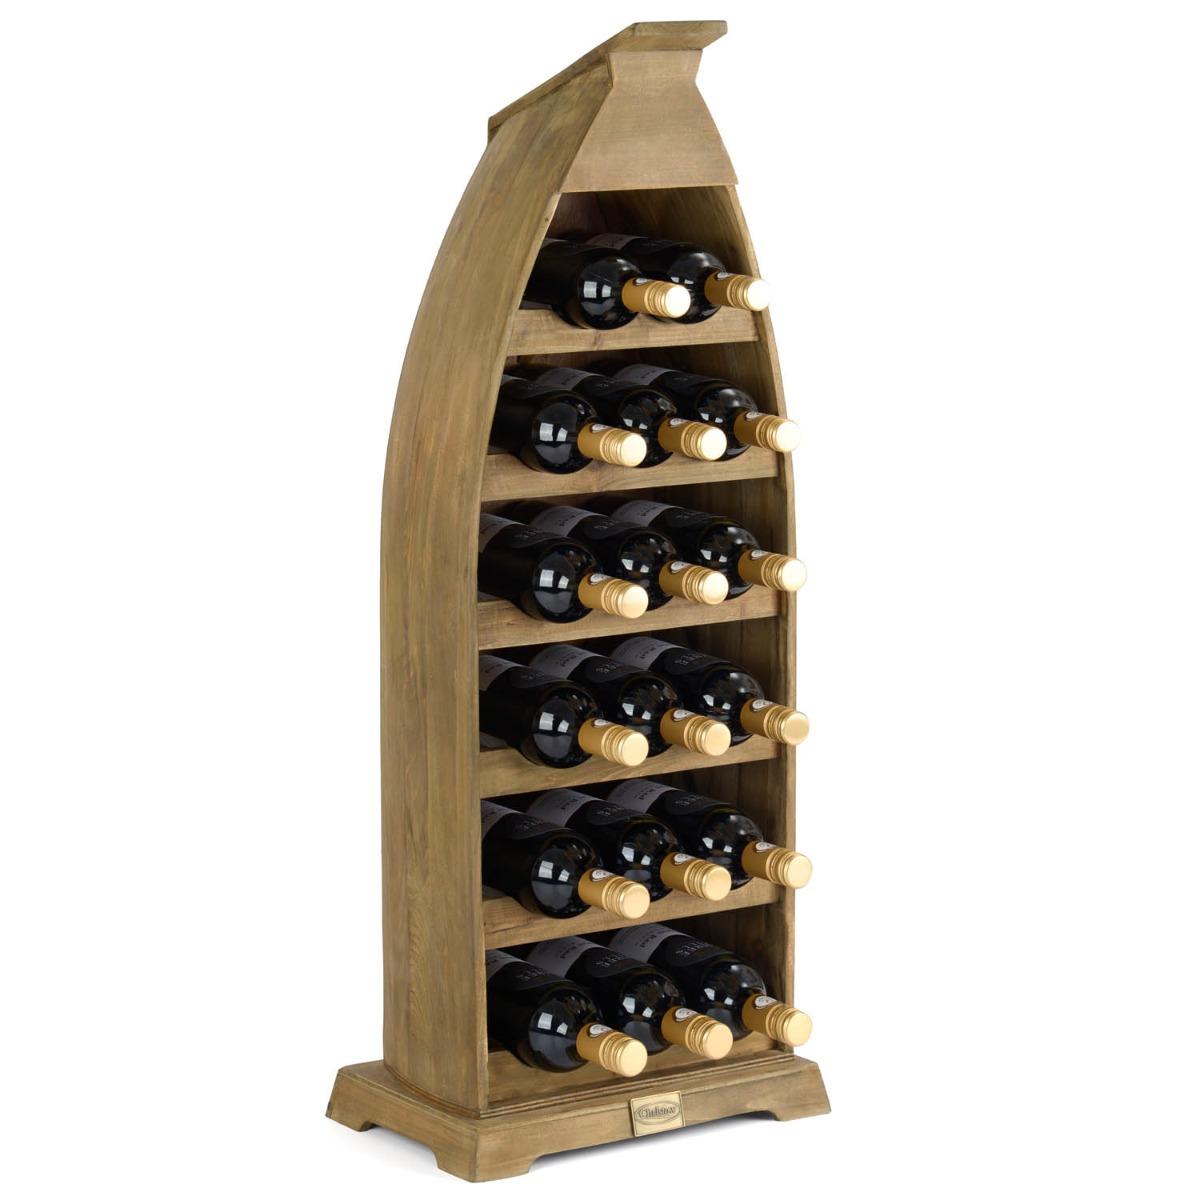 Image of 17 Bottle Boat Wine Rack - Light